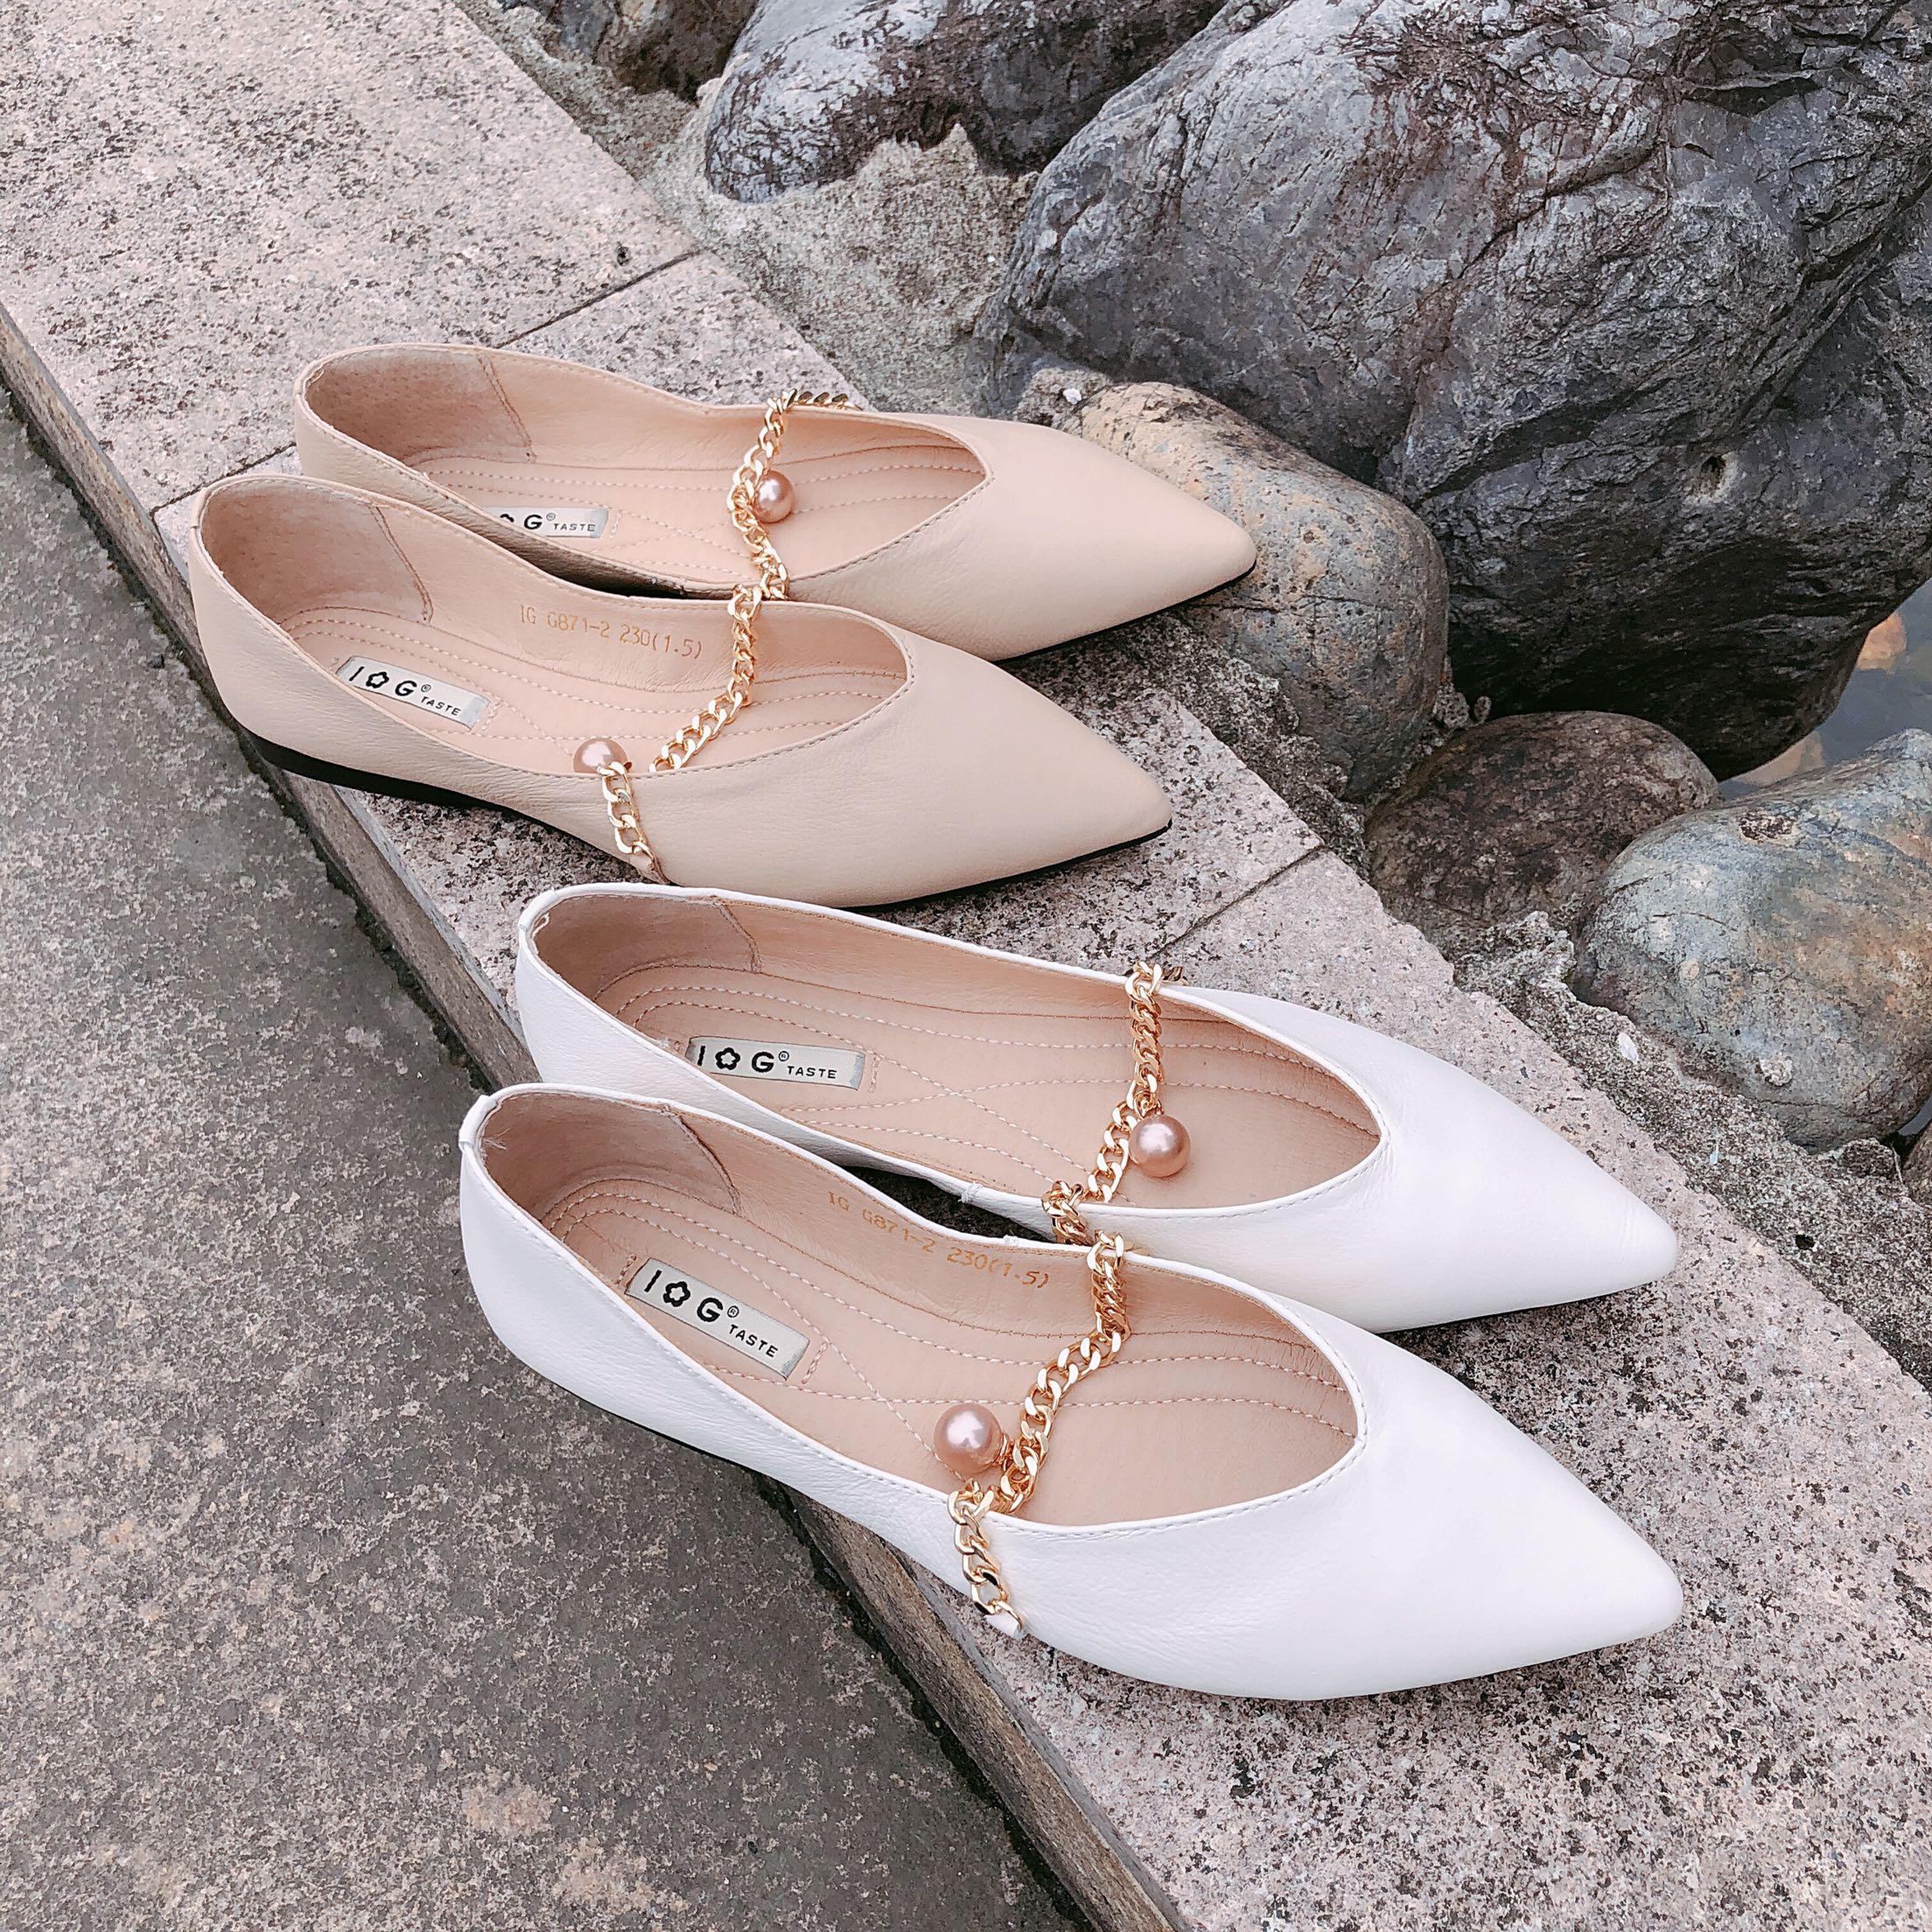 正品IG夏季新款珍珠链条浅口真皮尖头女单鞋牛皮休闲秀气平底鞋